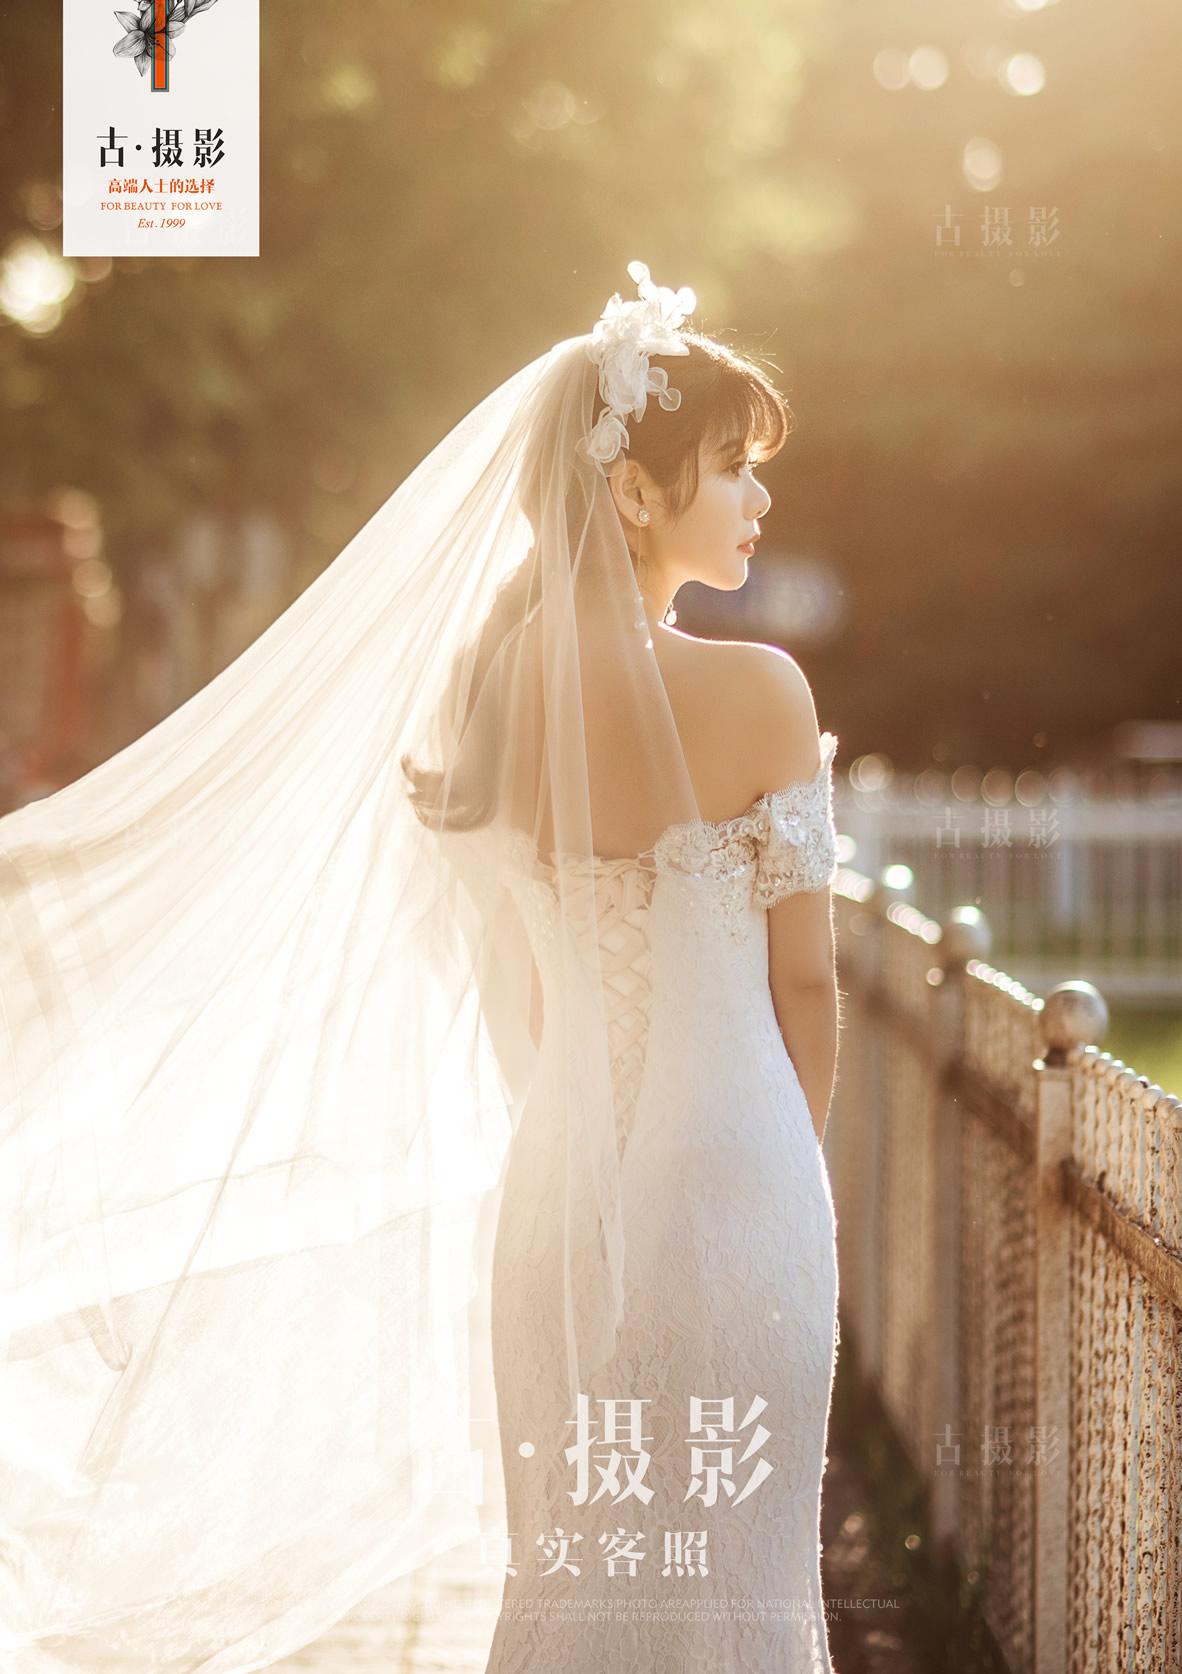 4月11日客片朱小姐夫妇 - 每日客照 - love上海古摄影-上海婚纱摄影网